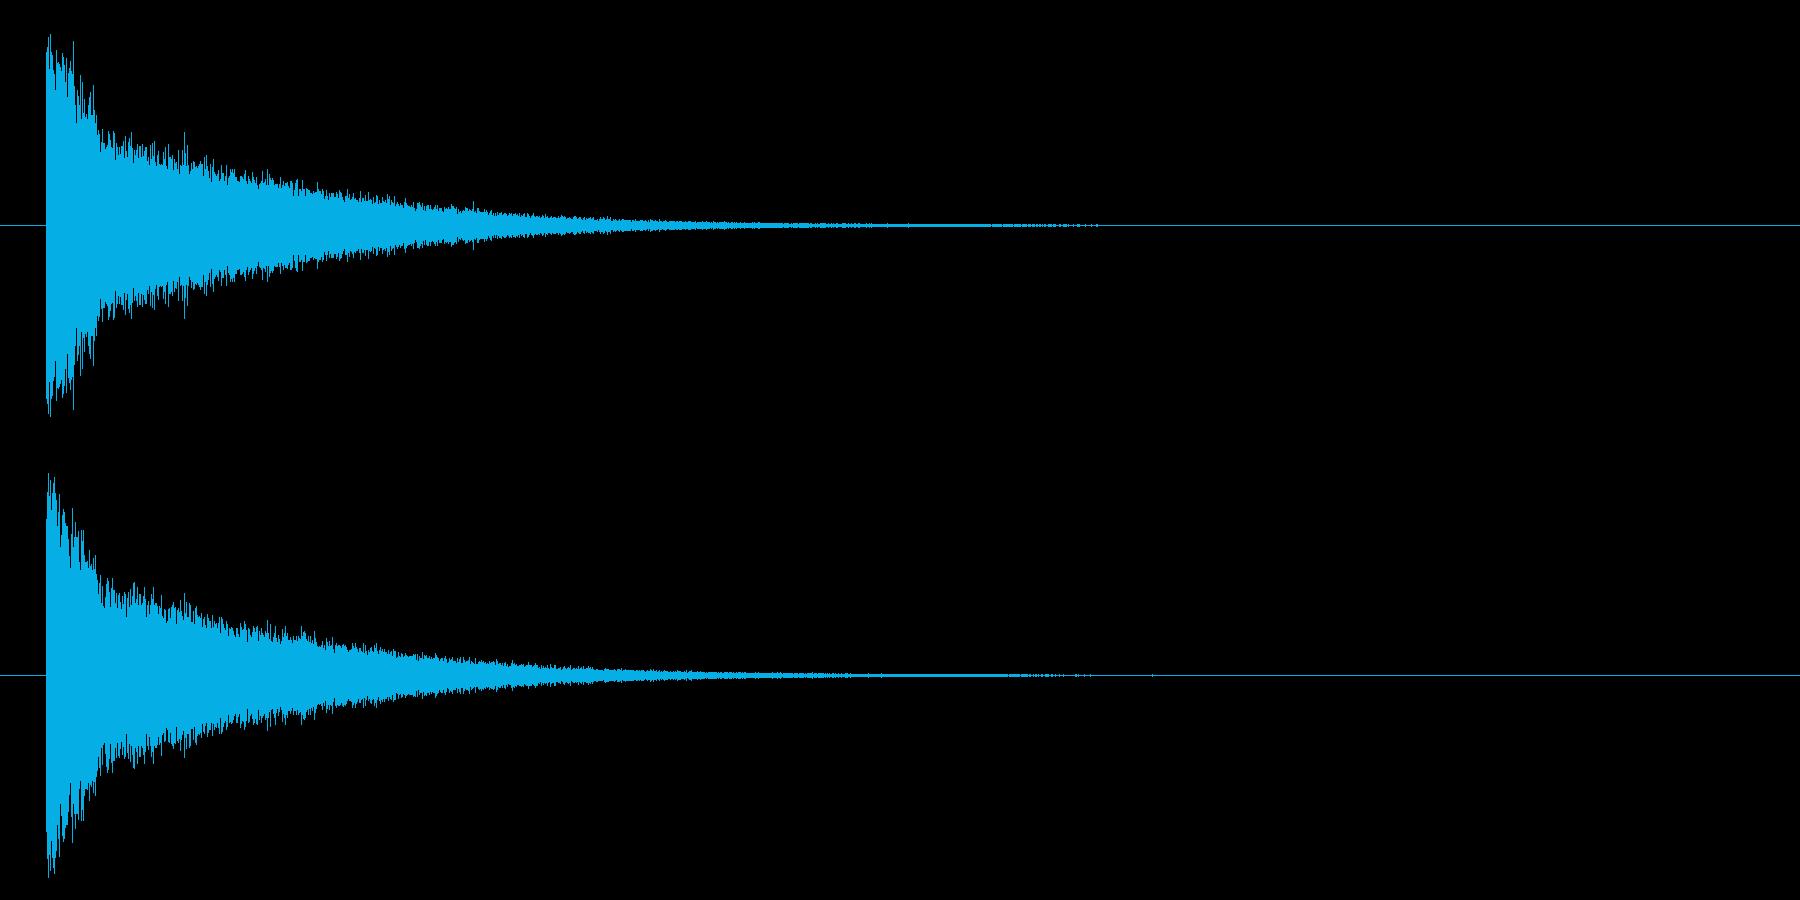 パーン/破壊/撃破/爆発/クールの再生済みの波形